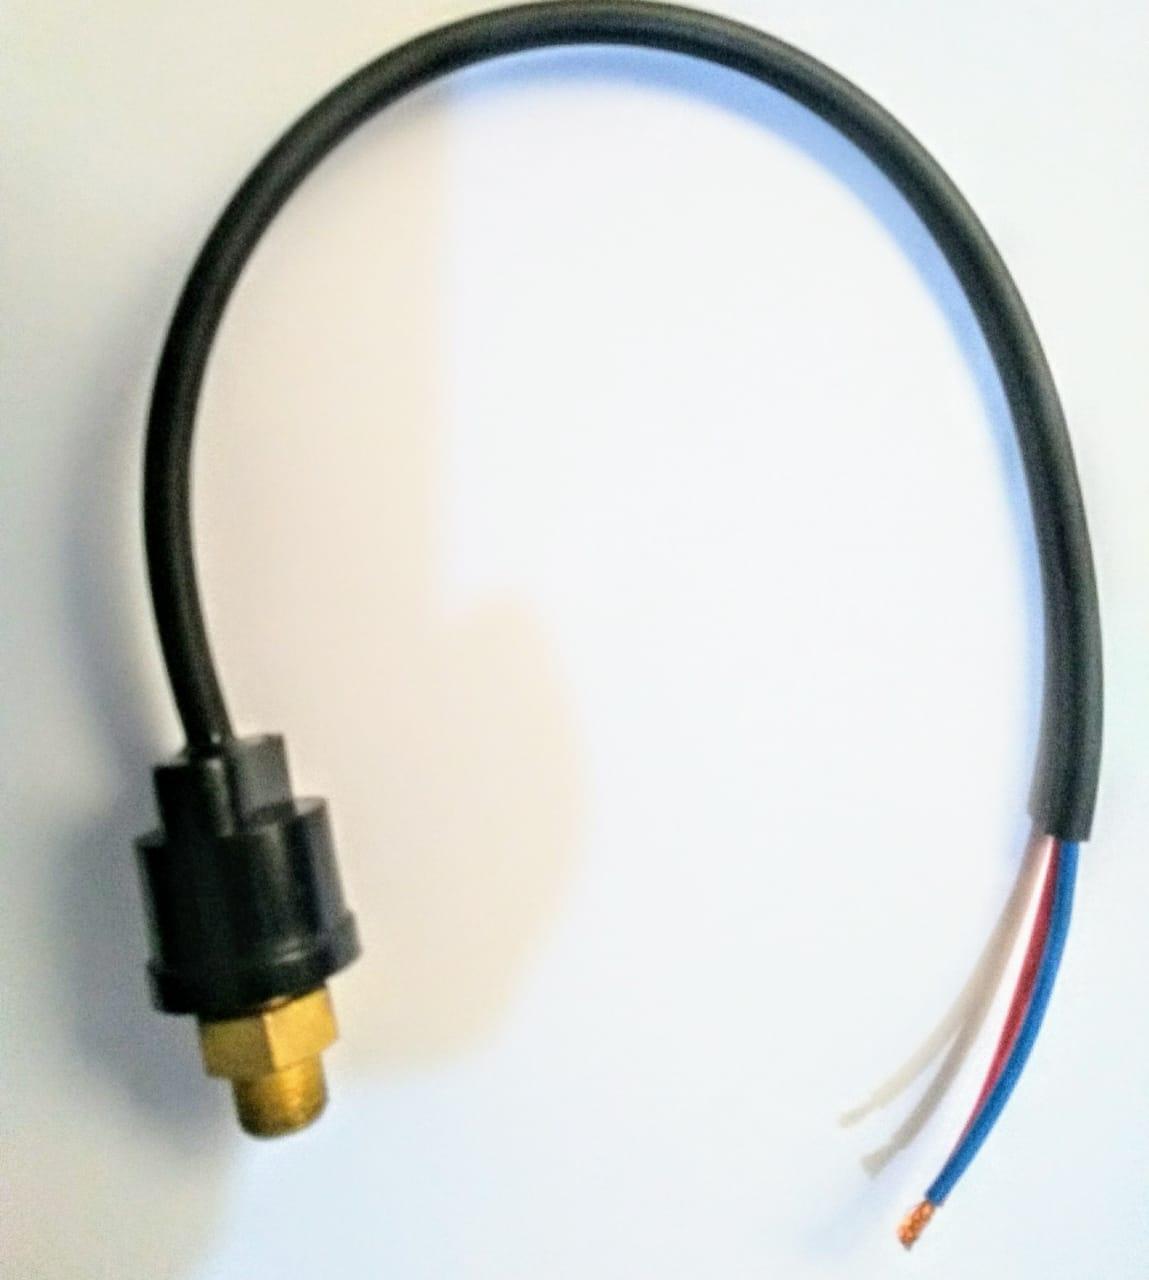 Pressostato / Sensor de Pressão para Compressor WIMPEL COMP-1